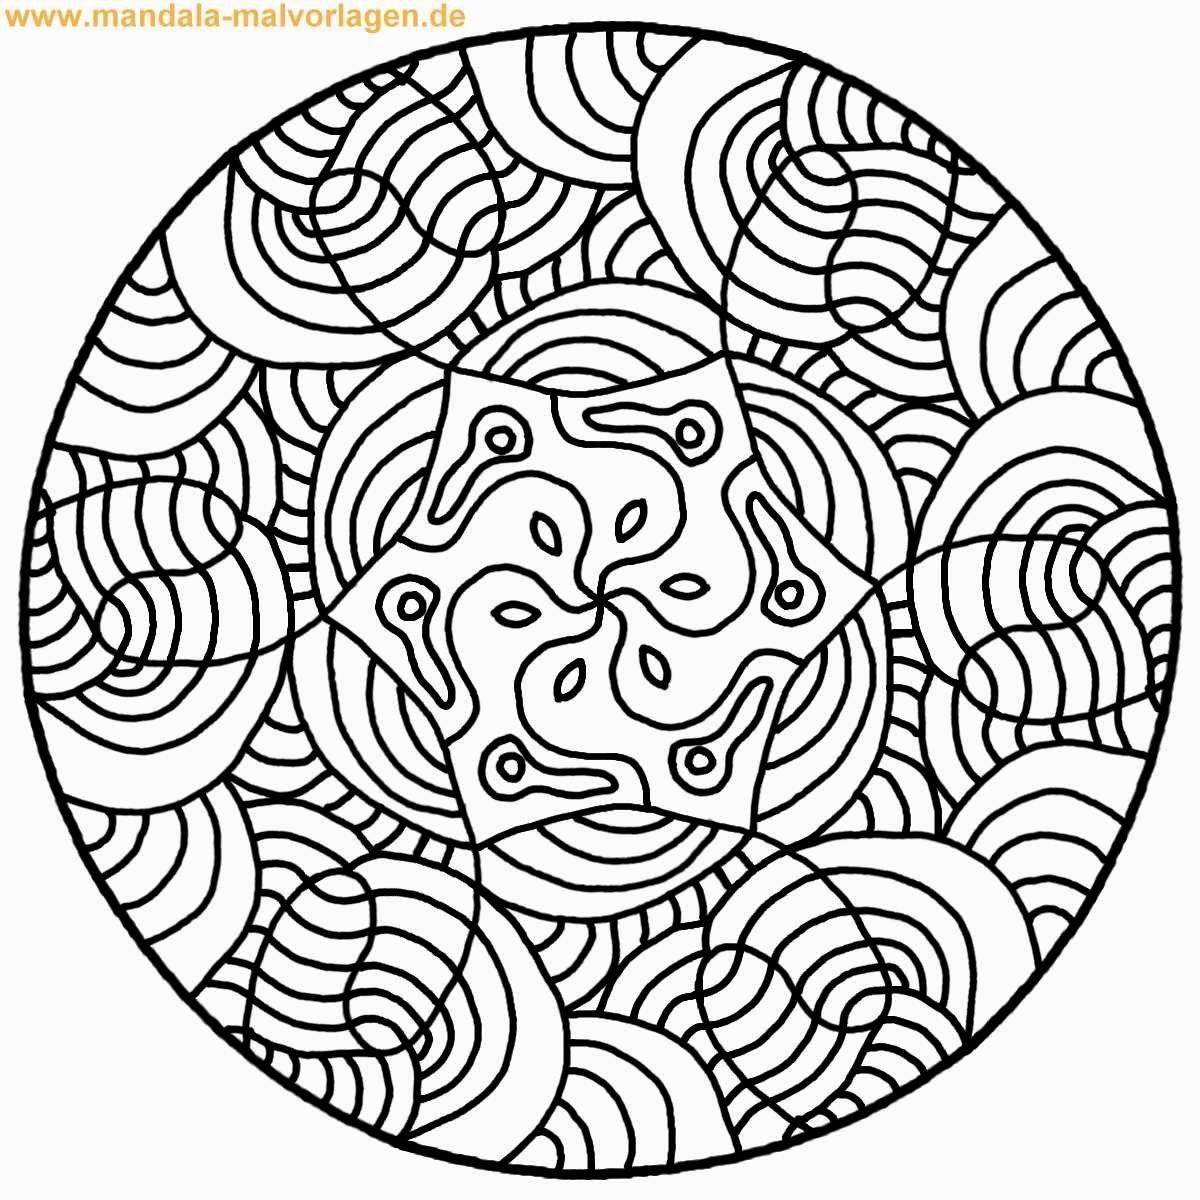 Ausmalbilder Herbst Eichh̦rnchen Das Beste Von Ausmalbilder Mandala Herbst РAusmalbilder Webpage Stock